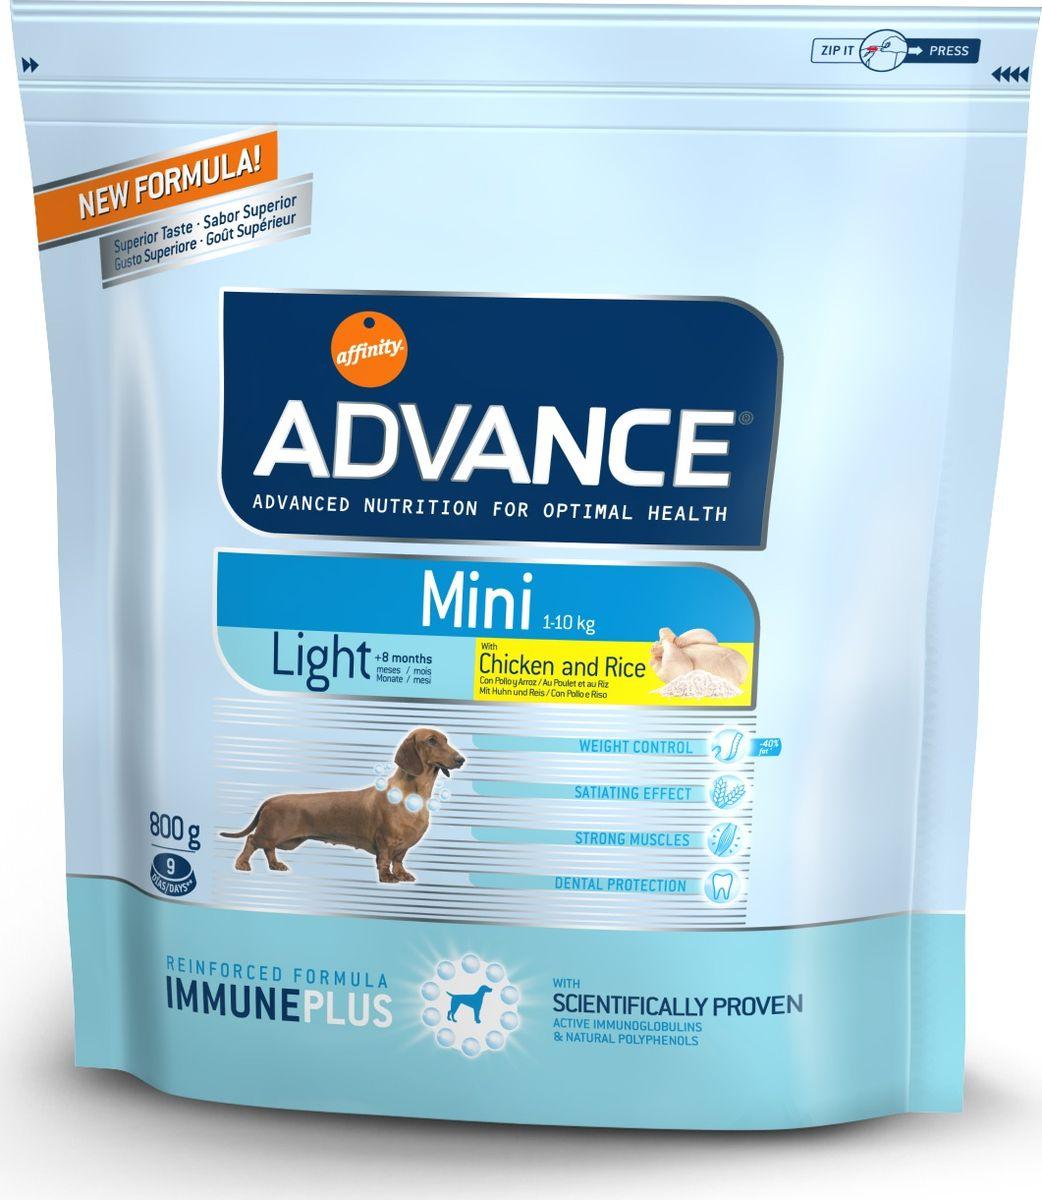 Корму сухой Advance Контроль веса для собак малых пород Mini Light, 0,8 кг. 54611913049Advance – высококачественный корм супер-премиум класса Испанской компании Affinity Petcare, которая занимает лидирующие места на Европейском и мировом рынках. Корм разработан с учетом всех особенностей развития и жизнедеятельности собак и кошек. В линейке кормов Advance любой хозяин может подобрать необходимое питание в соответствии с возрастом и уникальными особенностями своего животного, а также в случае назначения специалистами ветеринарной диеты. Курица (15%), пшеница, рис (12%), мука из пшеницы,маисовый глютен, дегидрированное мясо курицы, гидролизированный белок животного происхождения, маис, свекольный жом, дегидрированный белок свинины,кукурузные отруби, животный жир, дрожжи, рыбий жир, растительные волокна, хлористый калий, плазменный протеин, карбонат кальция, пирофосфорнокислый натрий, соль,монокальцийфосфат, природные полифенолы. Affinity Petcare имеет собственную лабораторию, а также сотрудничает со множеством международных исследовательских центров, благодаря чему...